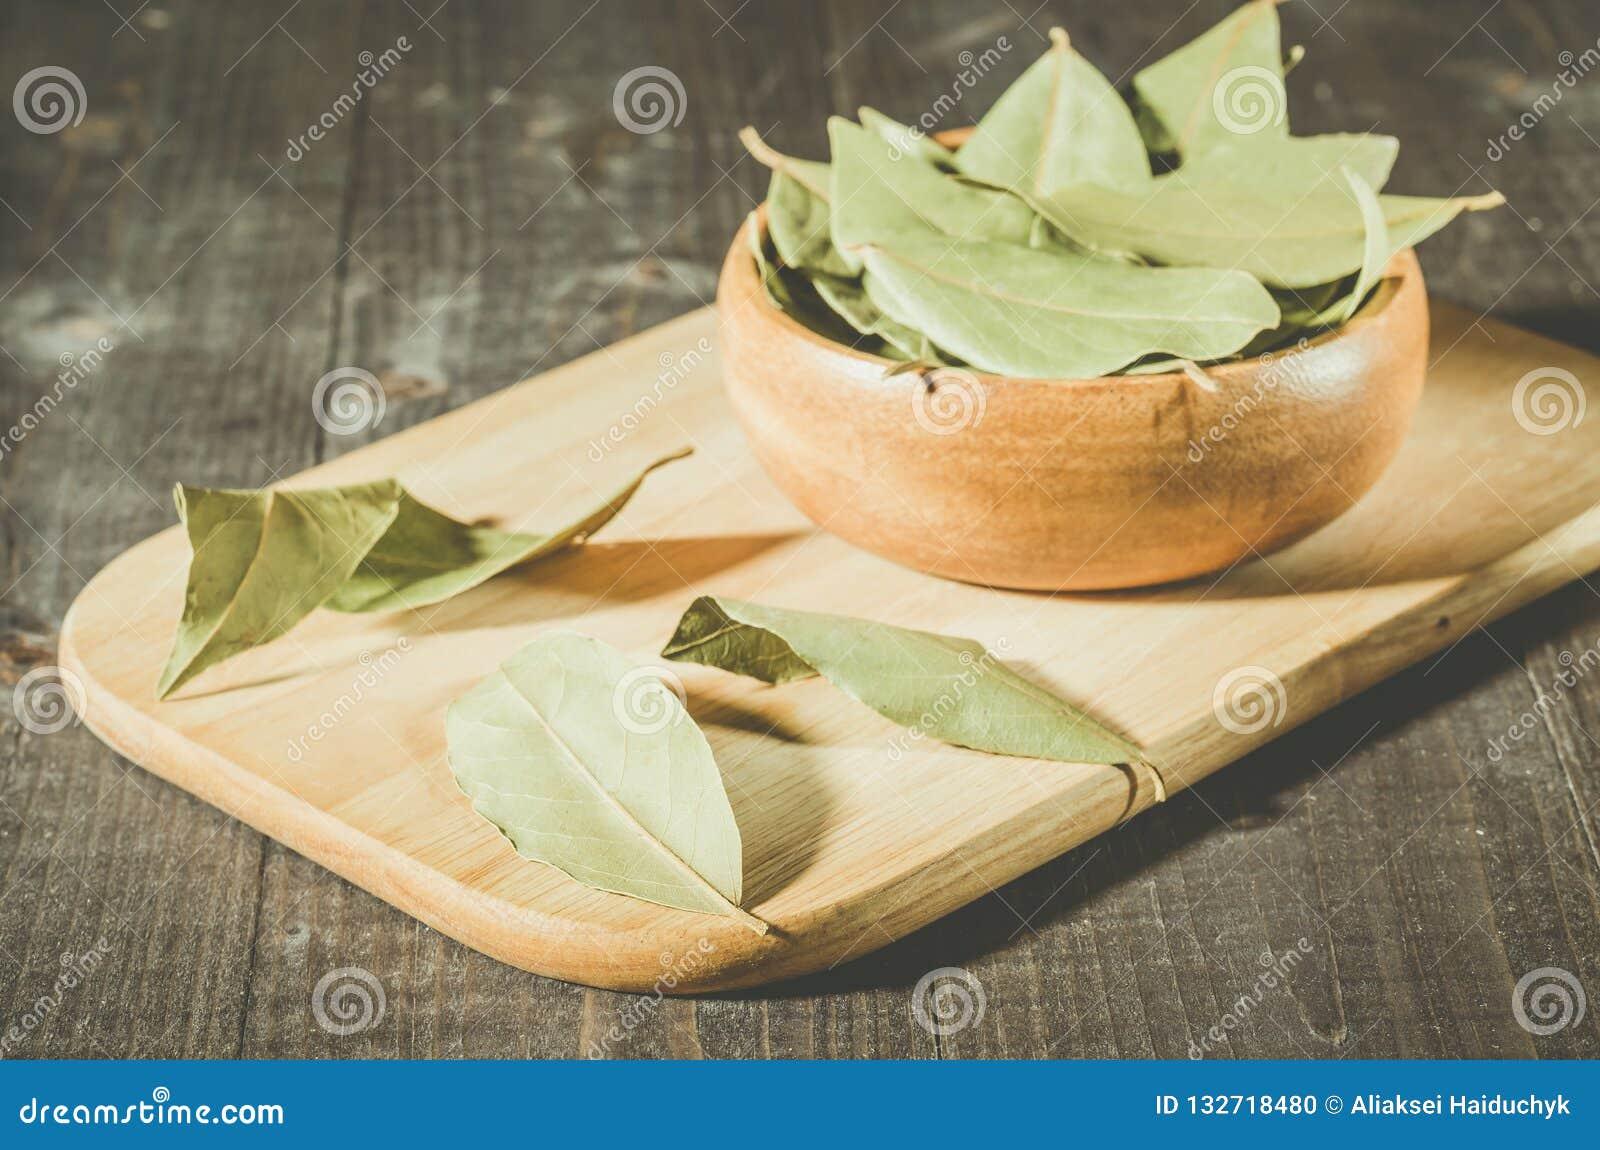 Φύλλο κόλπων σε έναν δίσκο σε ένα ξύλινο φύλλο κύπελλων/κόλπων σε ένα ξύλινο πιάτο ο